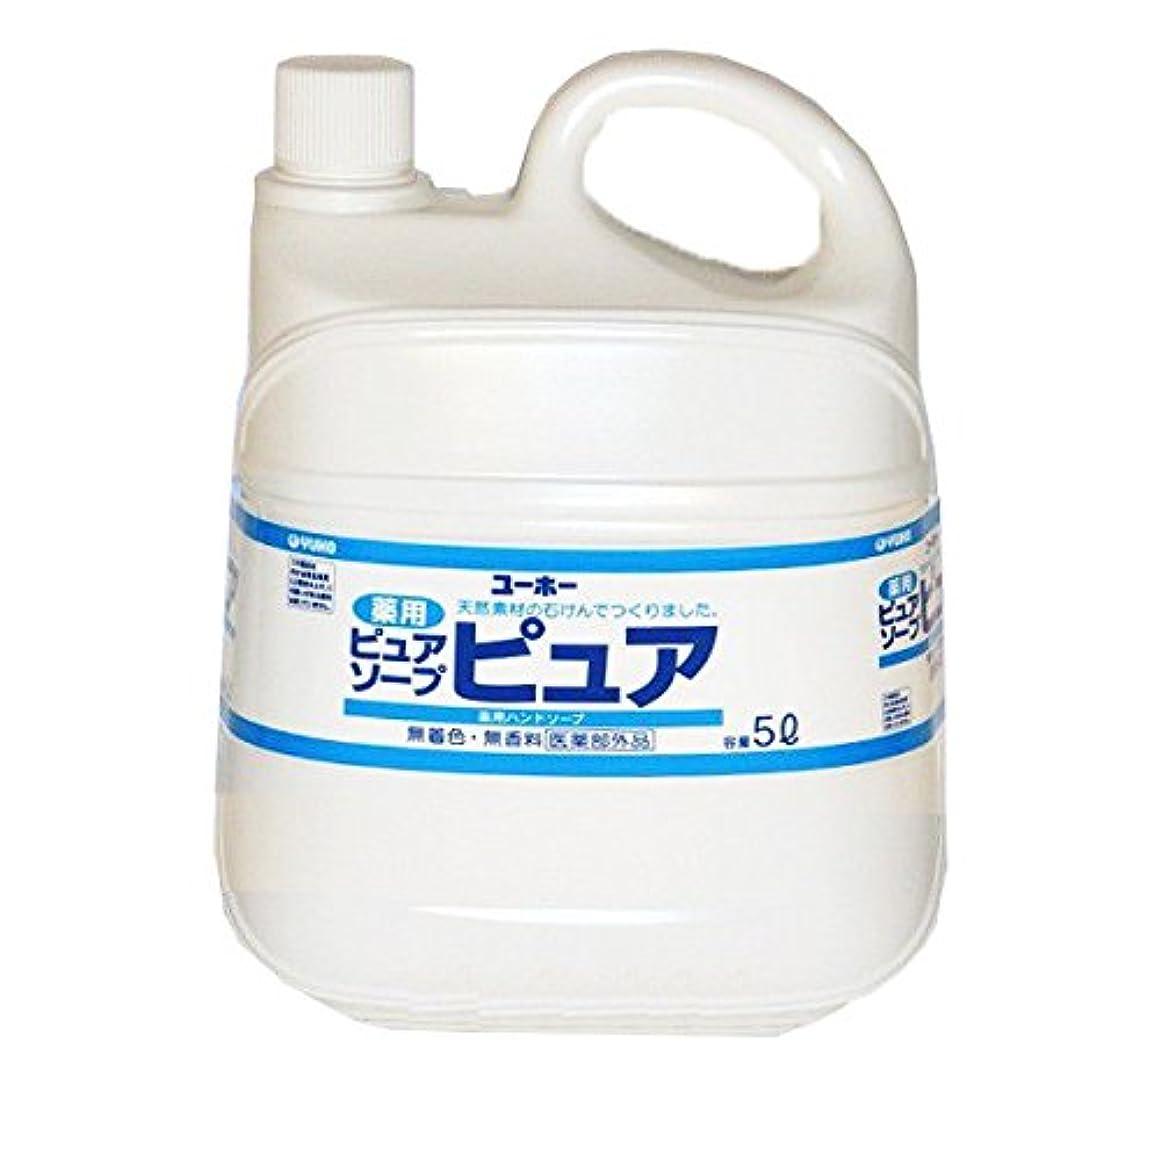 メンダシティバーストスポーツマンユーホー薬用ピュアソープピュア 5L /0-6147-02